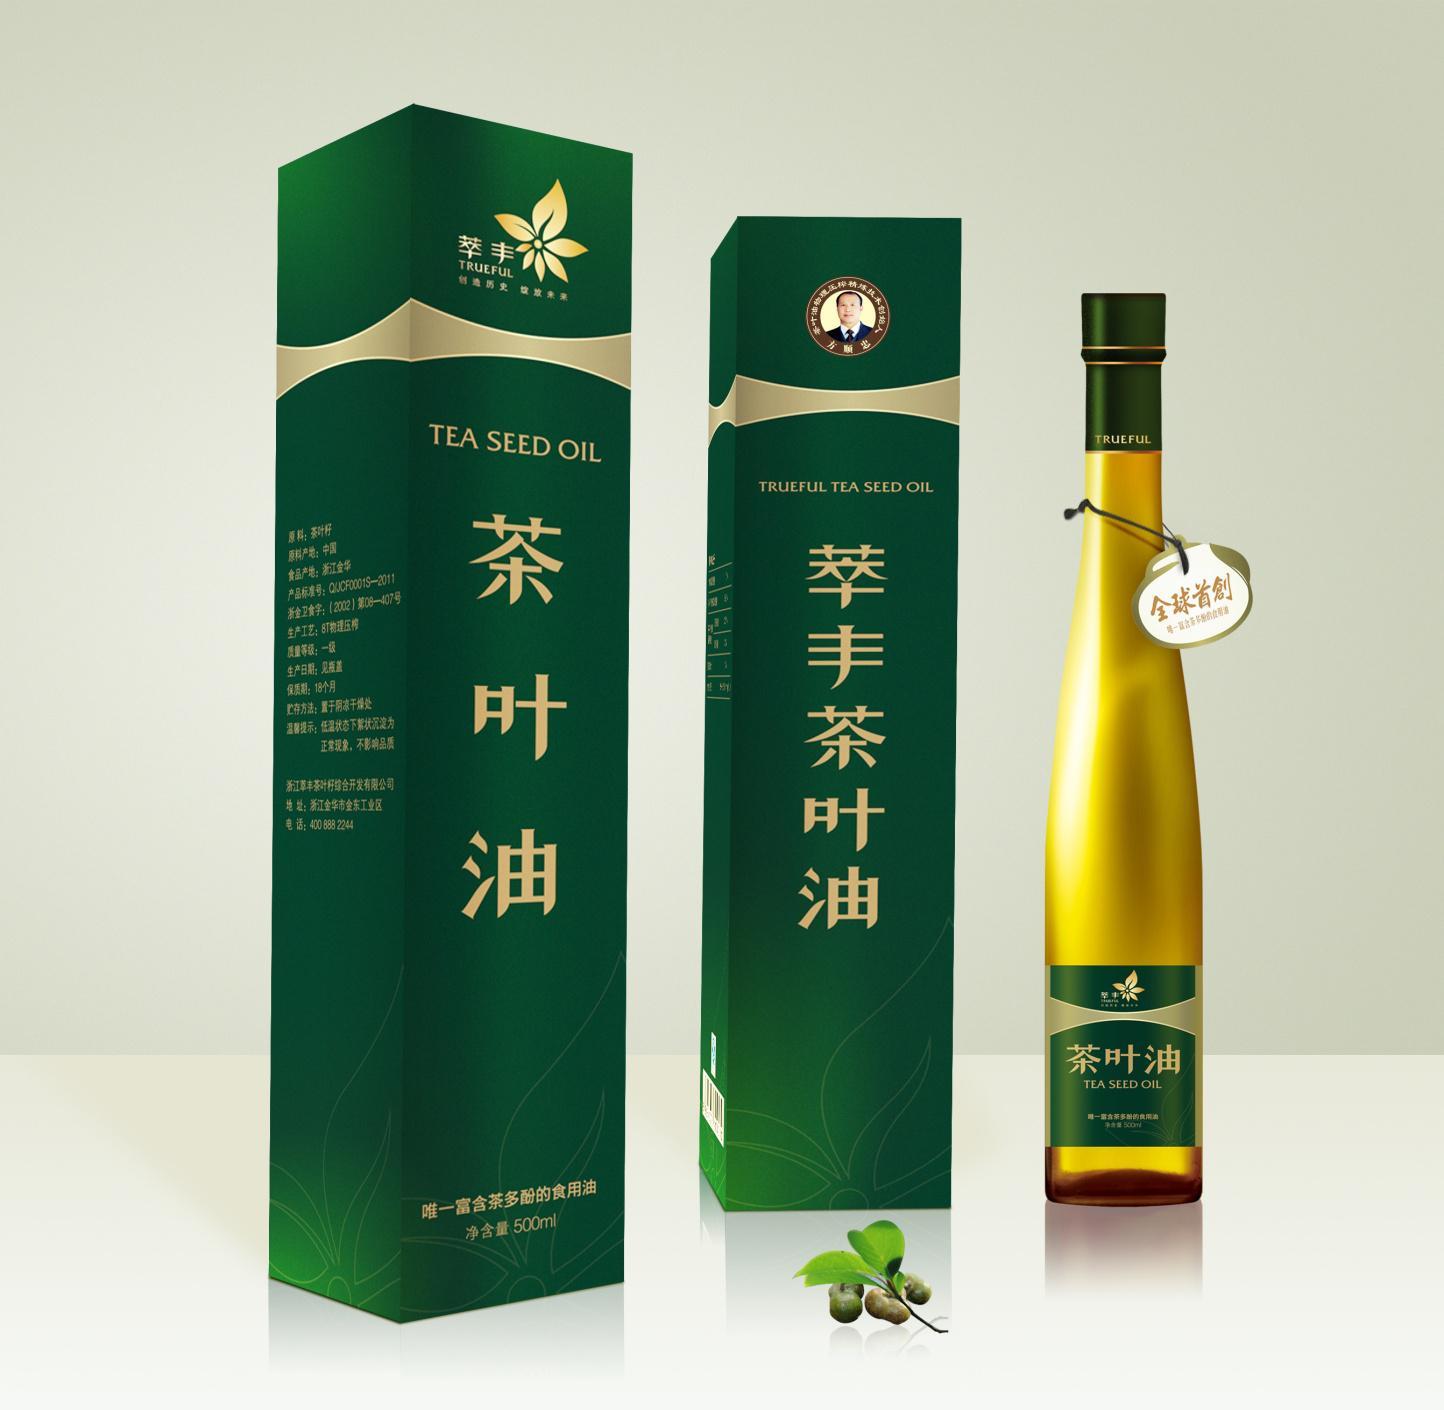 茶叶籽油批发,纯正茶叶籽油团购,厂家直销萃丰品牌茶叶籽油